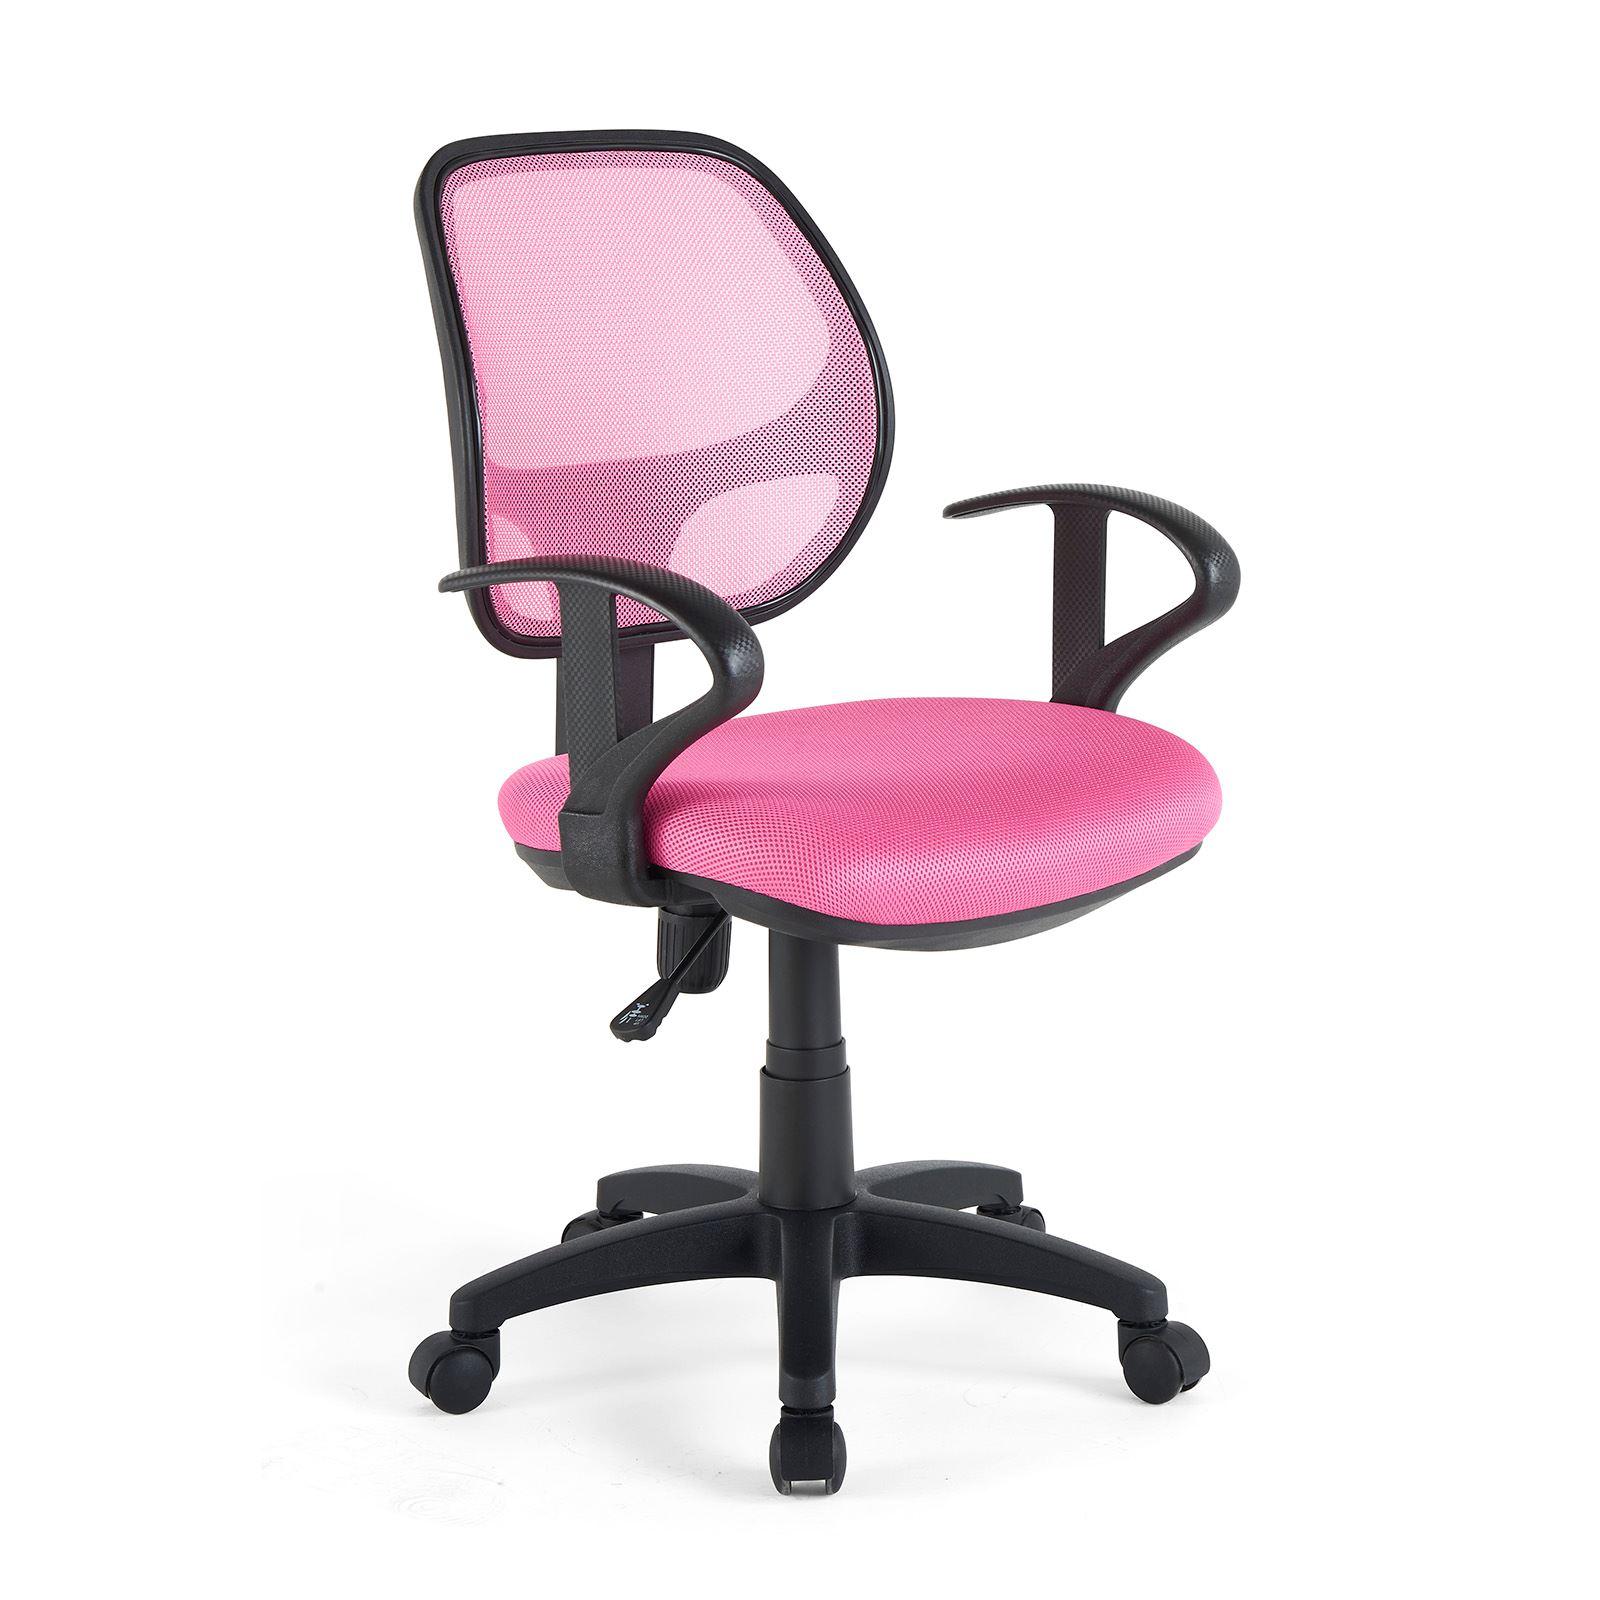 Chaise de bureau pour enfant cool pink mobil meubles - Chaise de bureau pour enfant ...